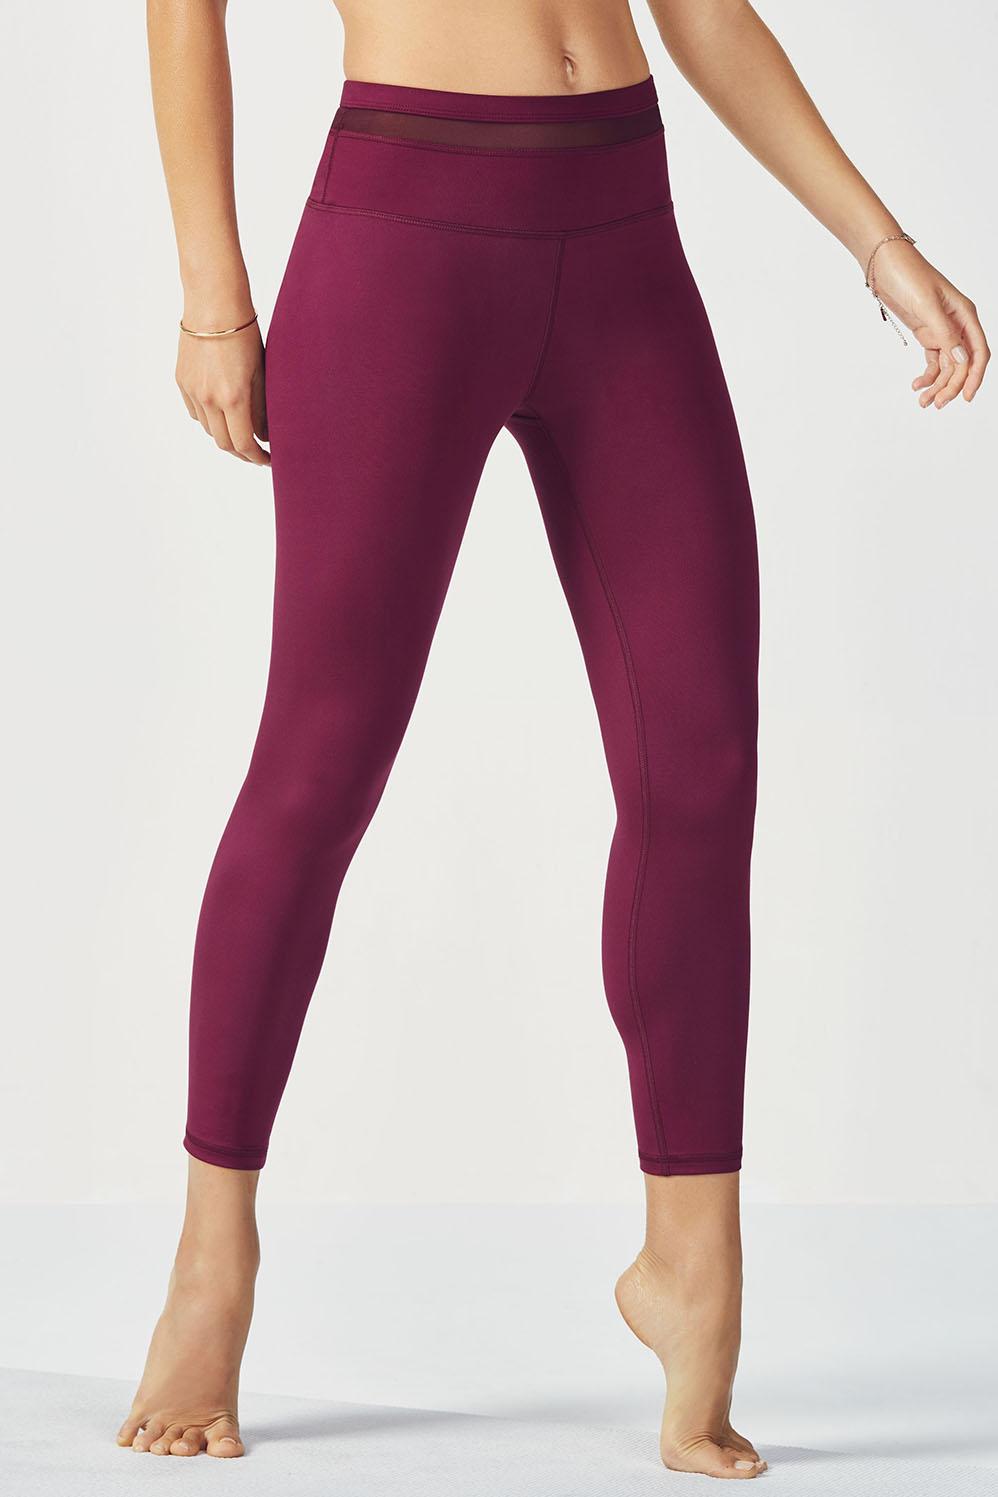 Yoga Leggings, Running Tights & Workout Leggings for Women | Fabletics